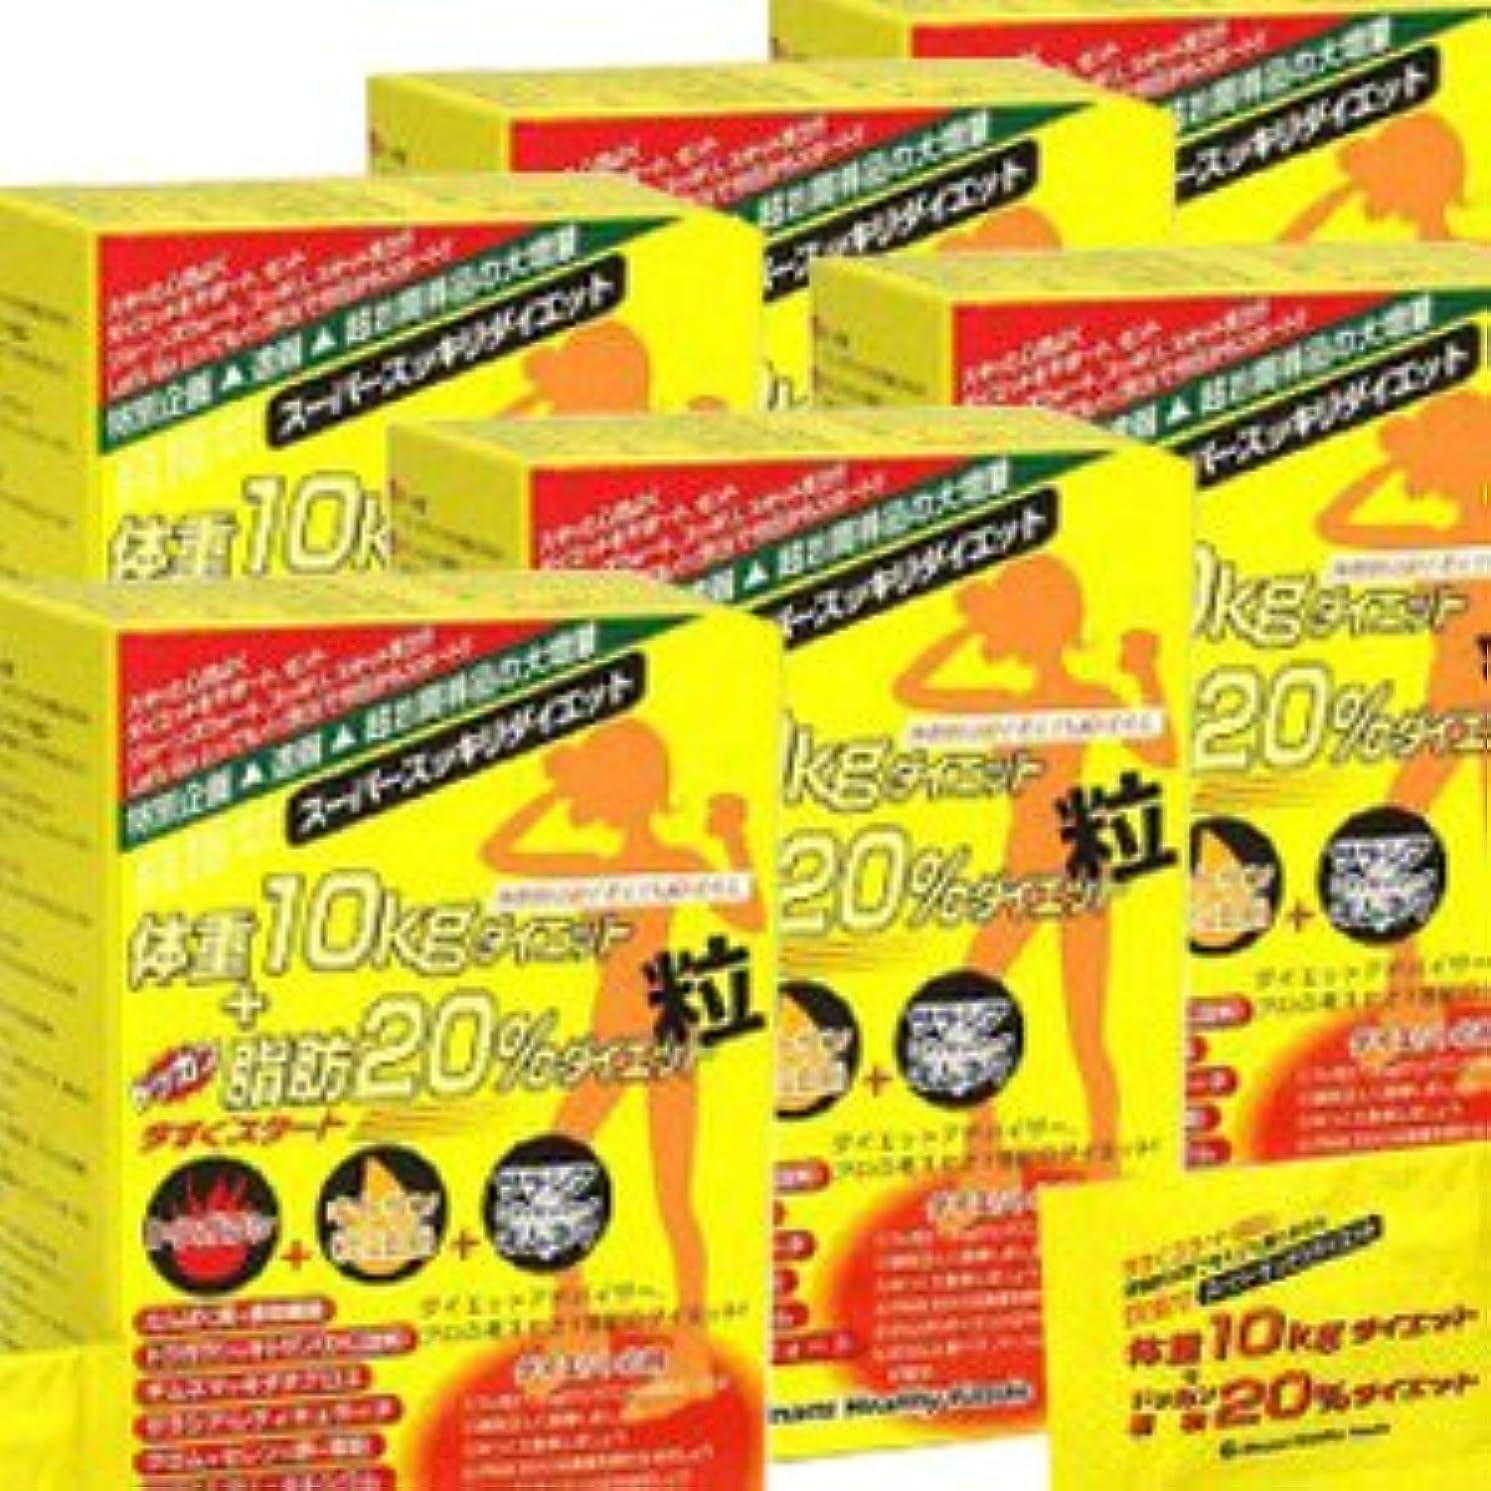 粘り強いペチュランス強盗【6箱】目指せ体重10kgダイエット+ドッカン脂肪20%ダイエット粒 (6粒x75袋)x6箱 (4945904010341)